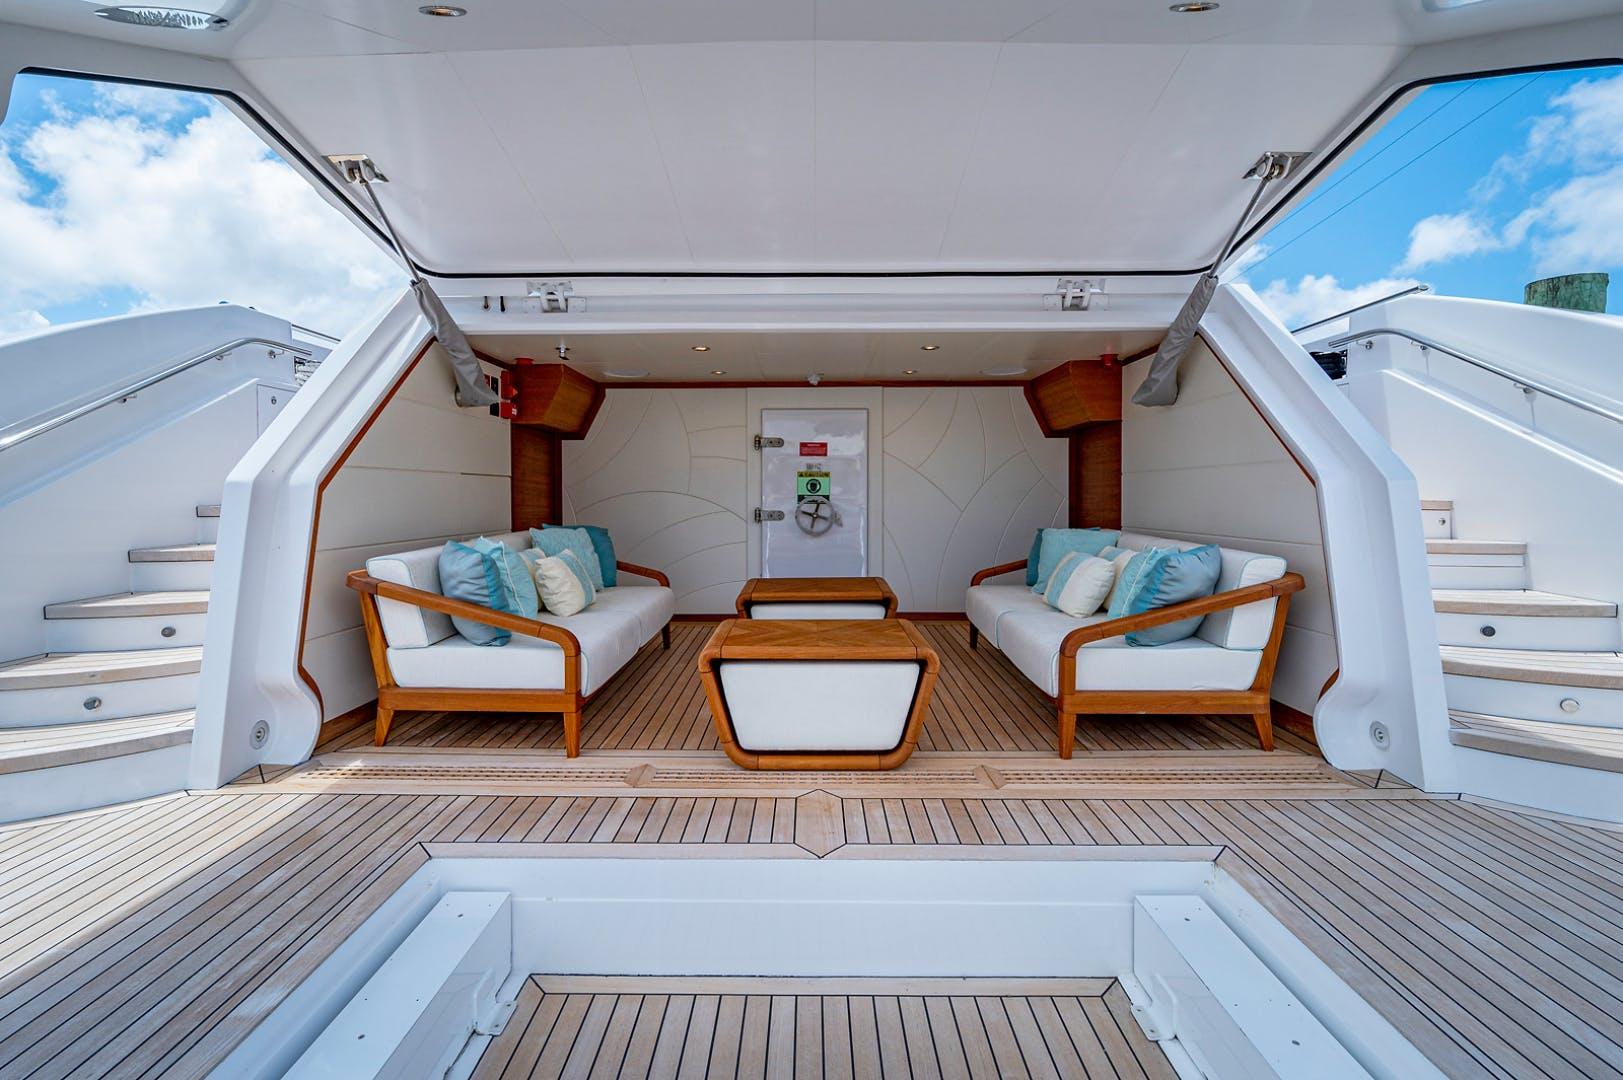 2020 Majesty Yachts 140' Motor Yacht MAJESTY 140 | Picture 2 of 46